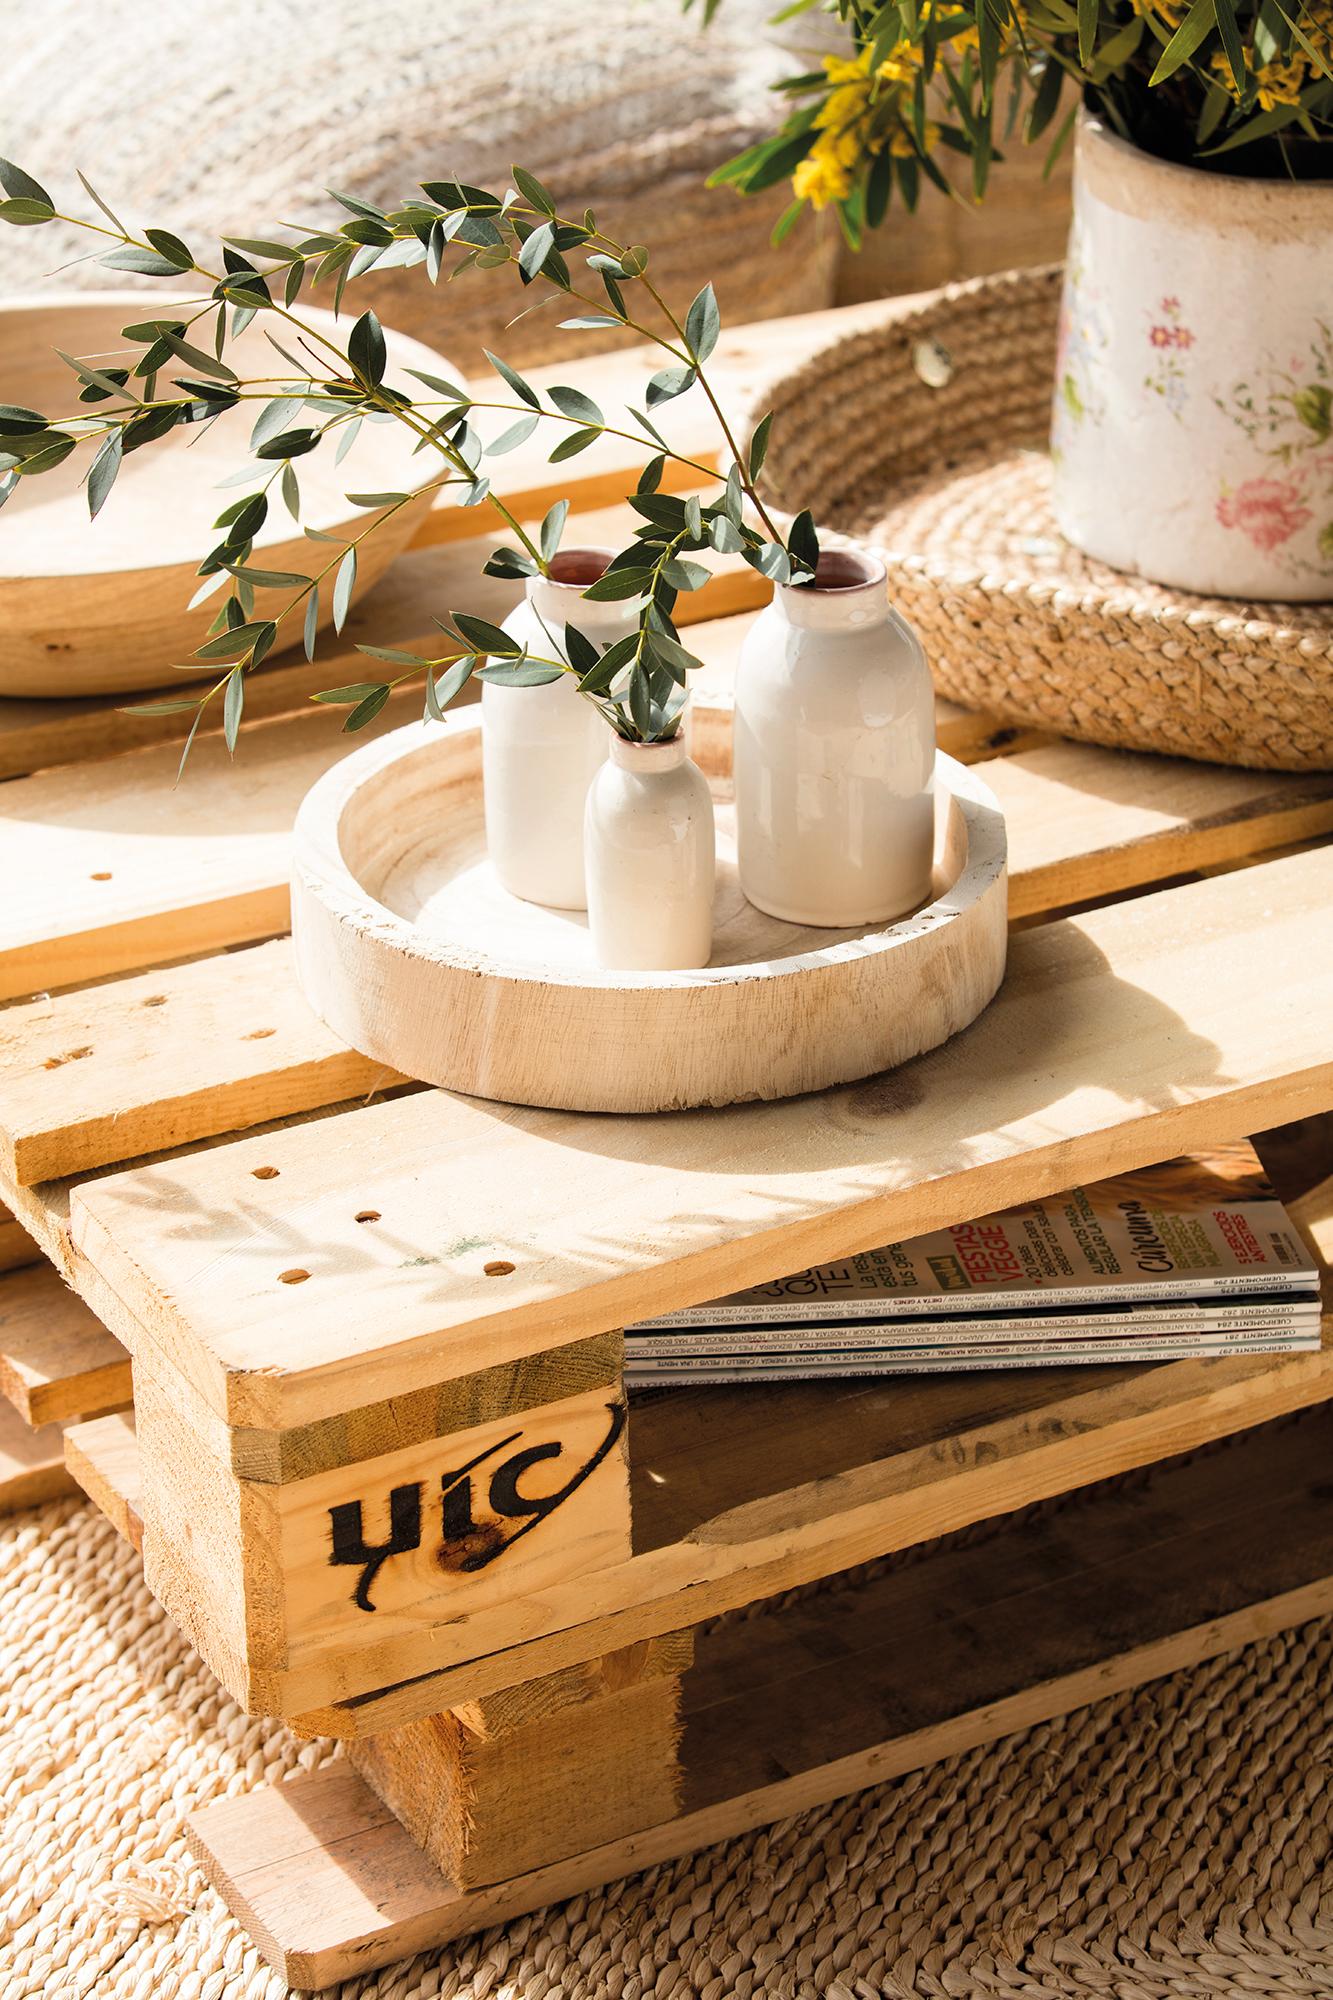 Jarrones 15 ideas para decorativas para tu casa - Detalles para decorar ...